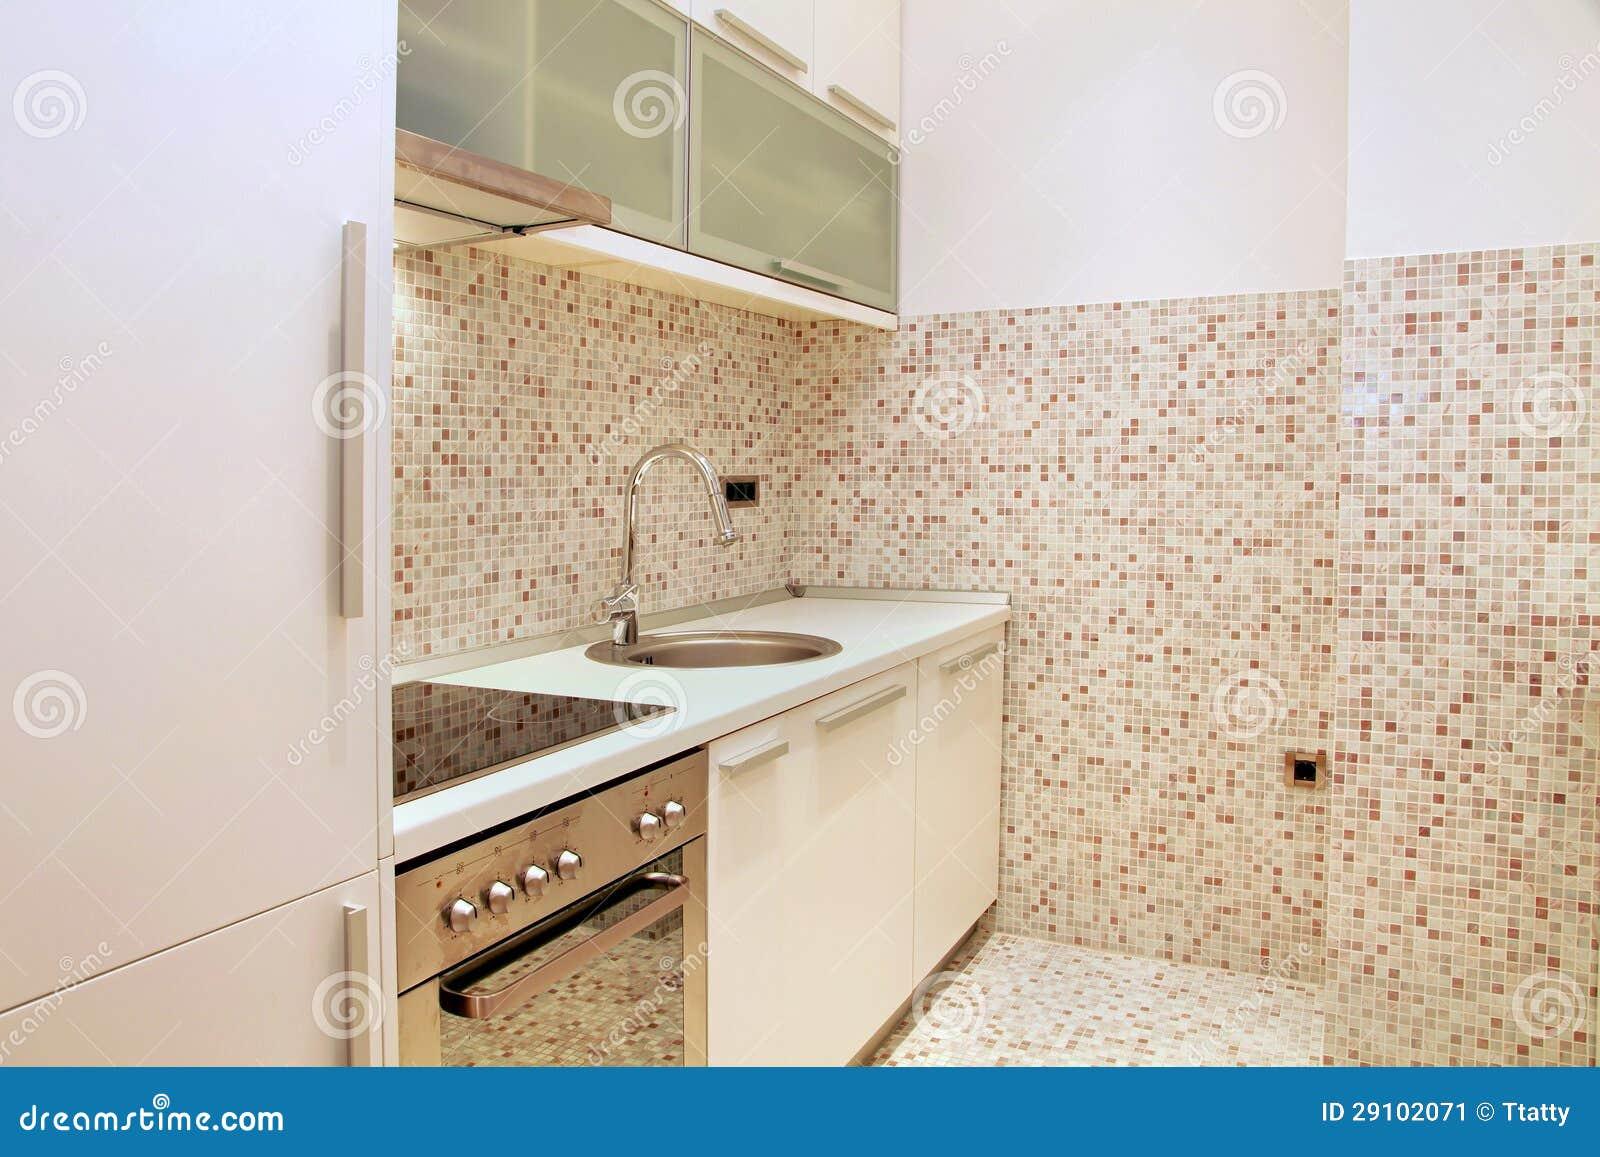 Cucina Delle Mattonelle Di Mosaico Immagine Stock - Immagine: 29102071